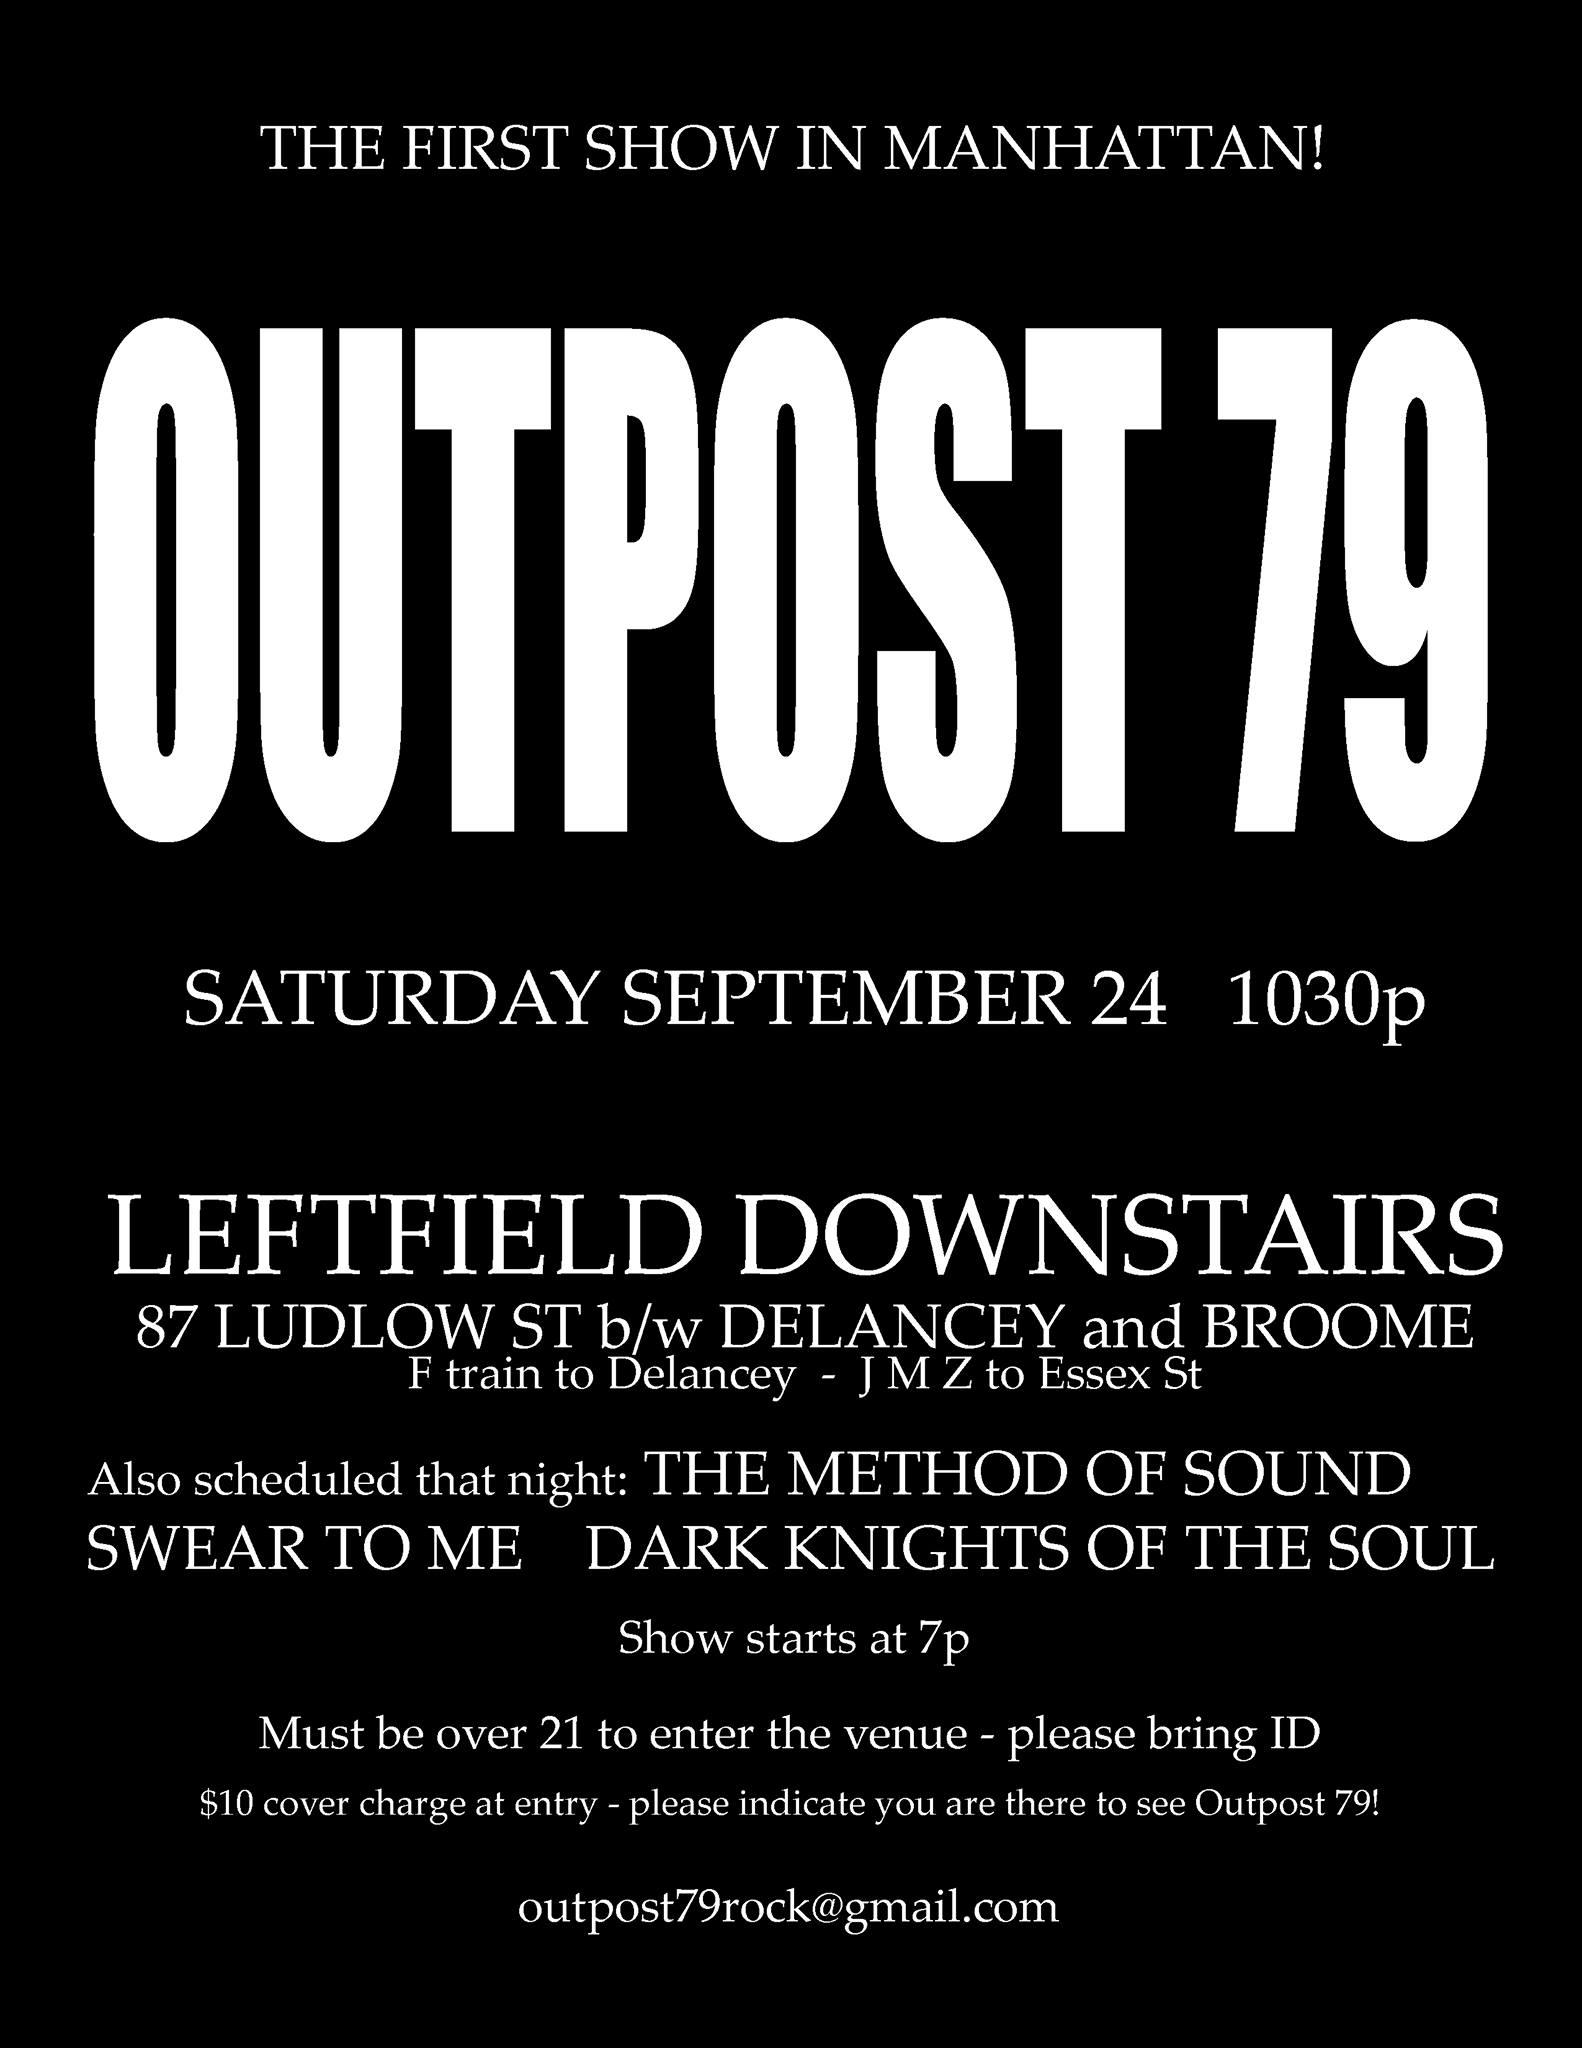 Leftfield Downstairs - First Show in Manhattan